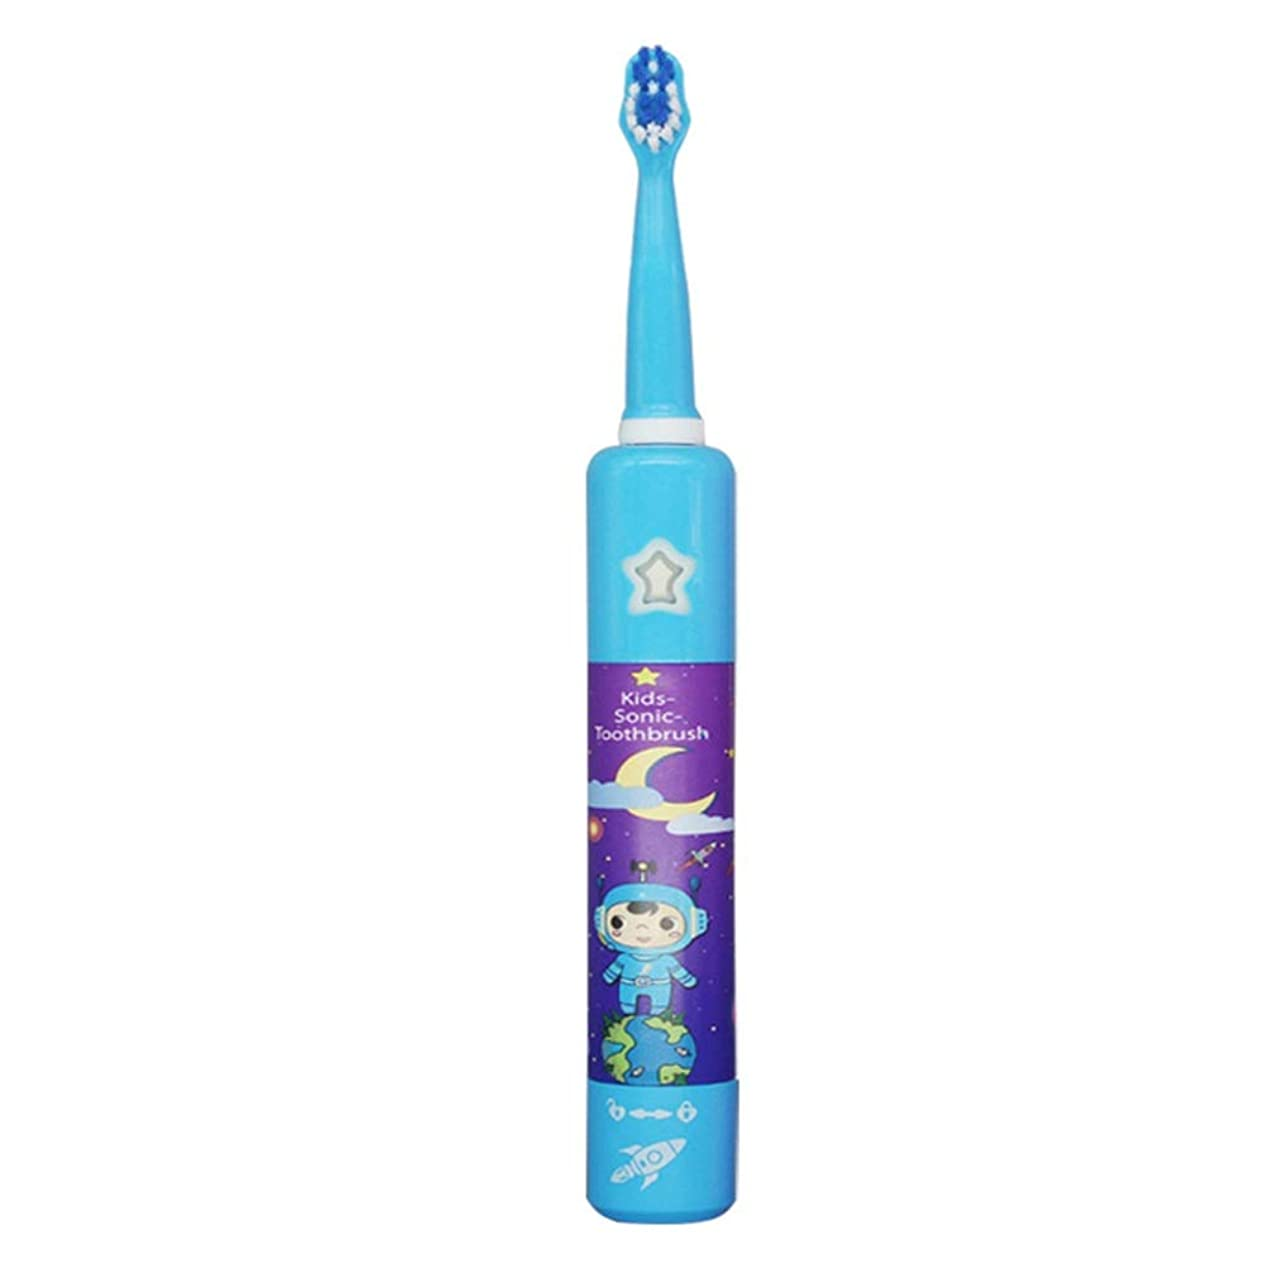 アラブサラボ熱狂的な弱点電動歯ブラシ 子供の電気usb充電式歯ブラシかわいい柔らかい髪音楽歯ブラシ付きホルダーと1つの交換用ヘッド日常用 大人と子供向け (色 : 青, サイズ : Free size)